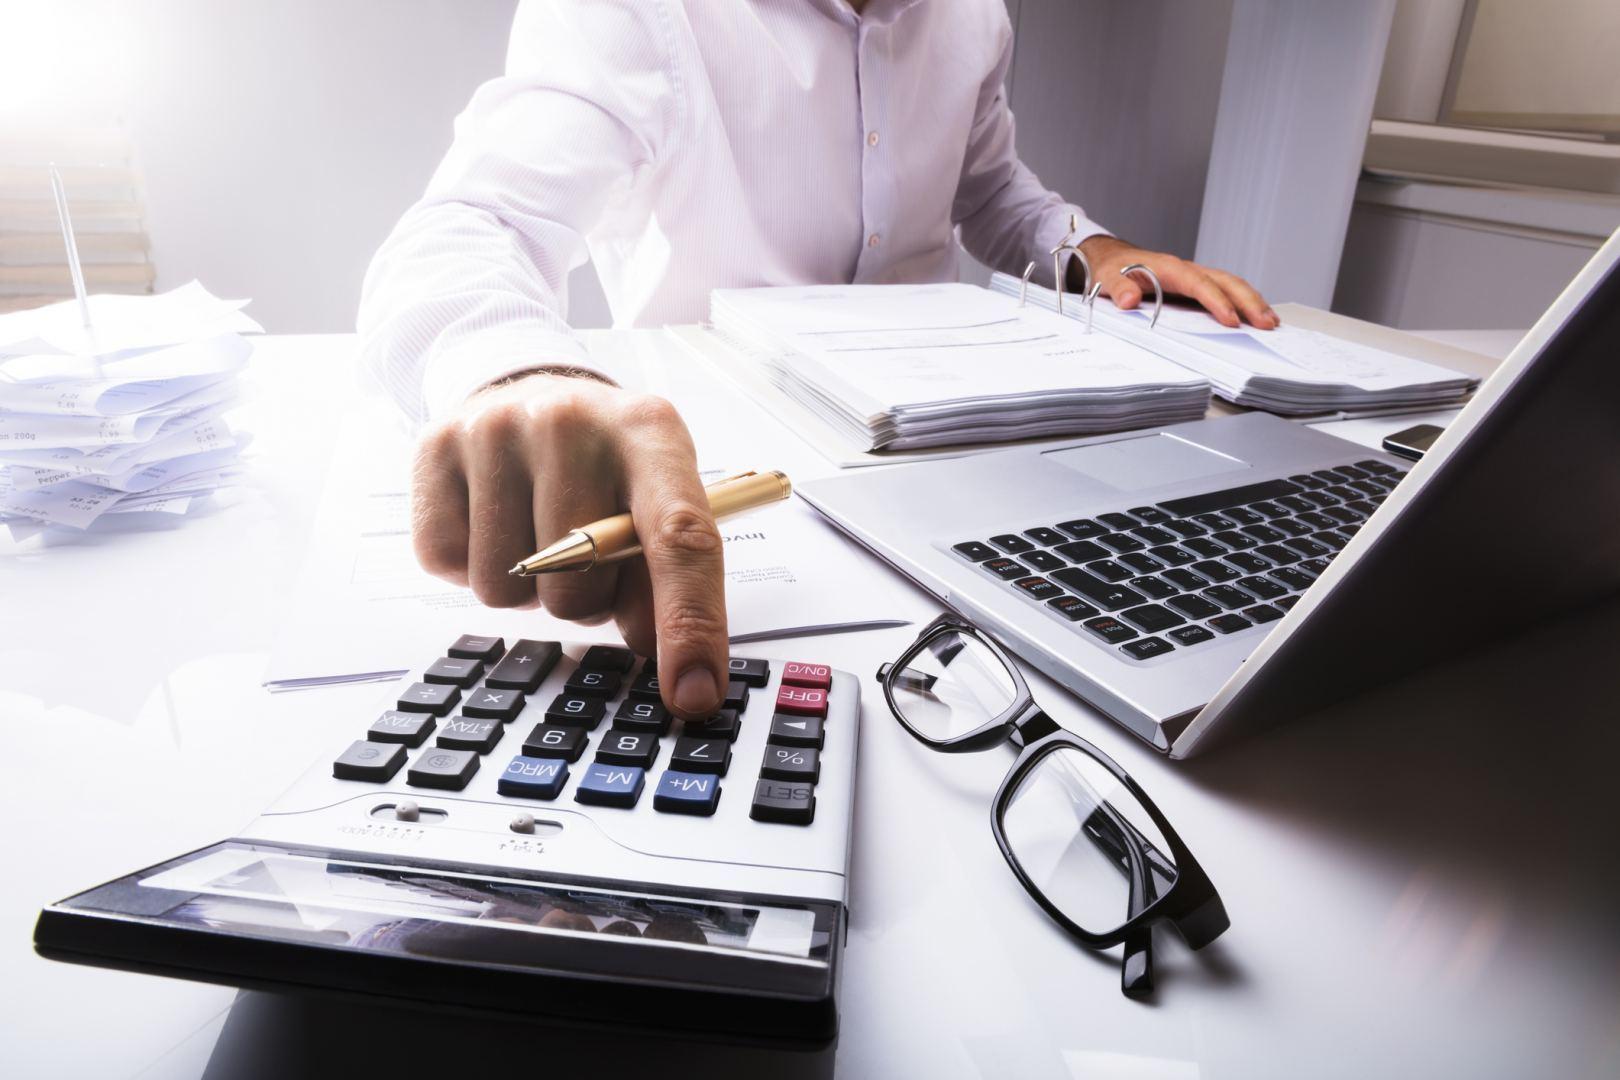 Bayram günü əlavə işləyənlərin maaşları necə hesablanmalıdır? - AÇIQLAMA